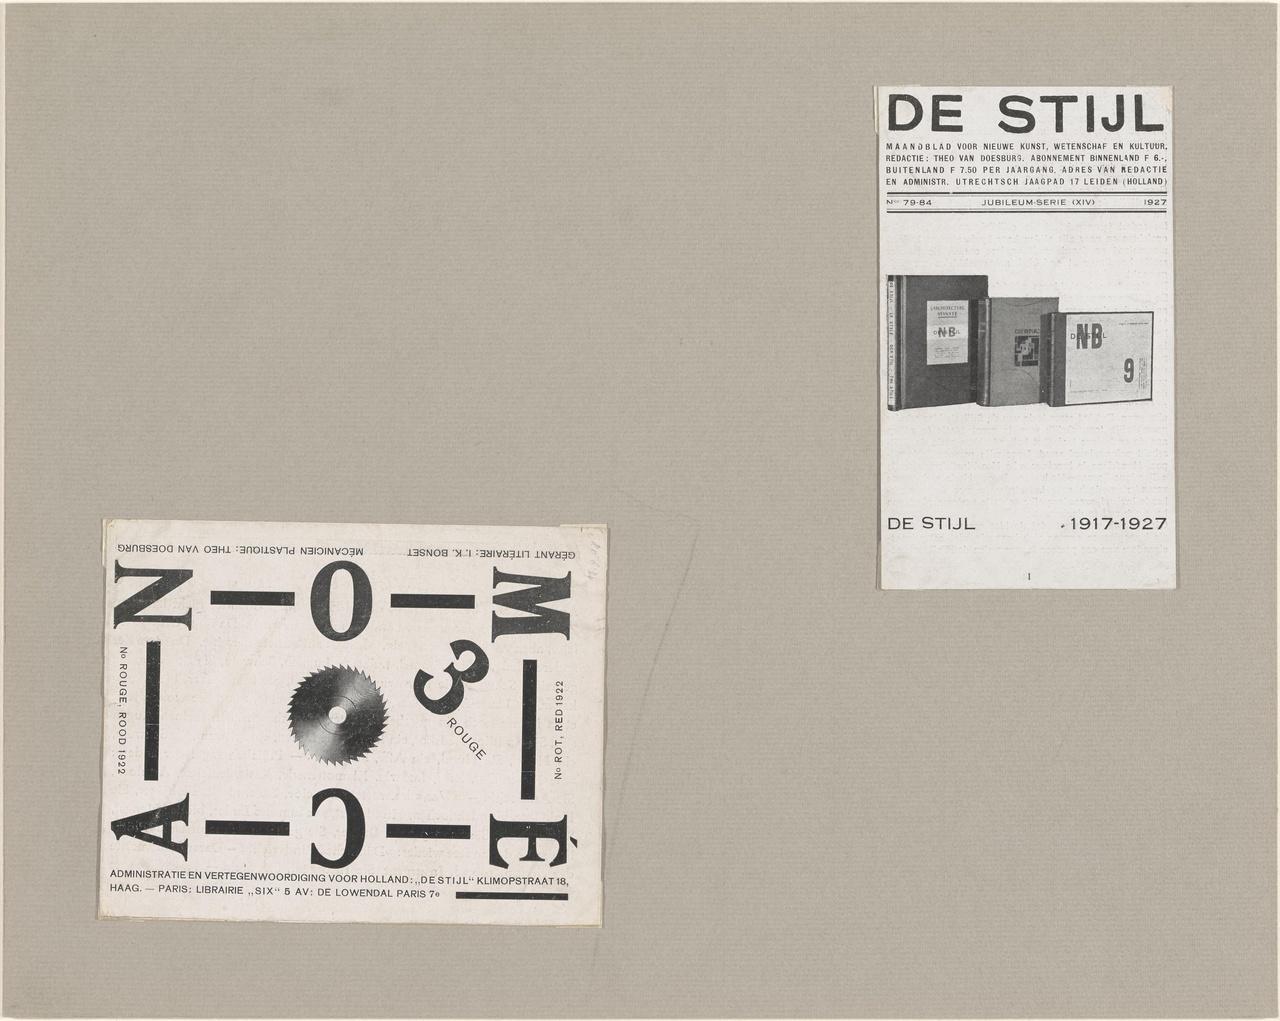 Mécano no. 3 Rouge, Rood, Rot, Red en deel van de omslag (?) van De Stijl no. 79-84, 1927